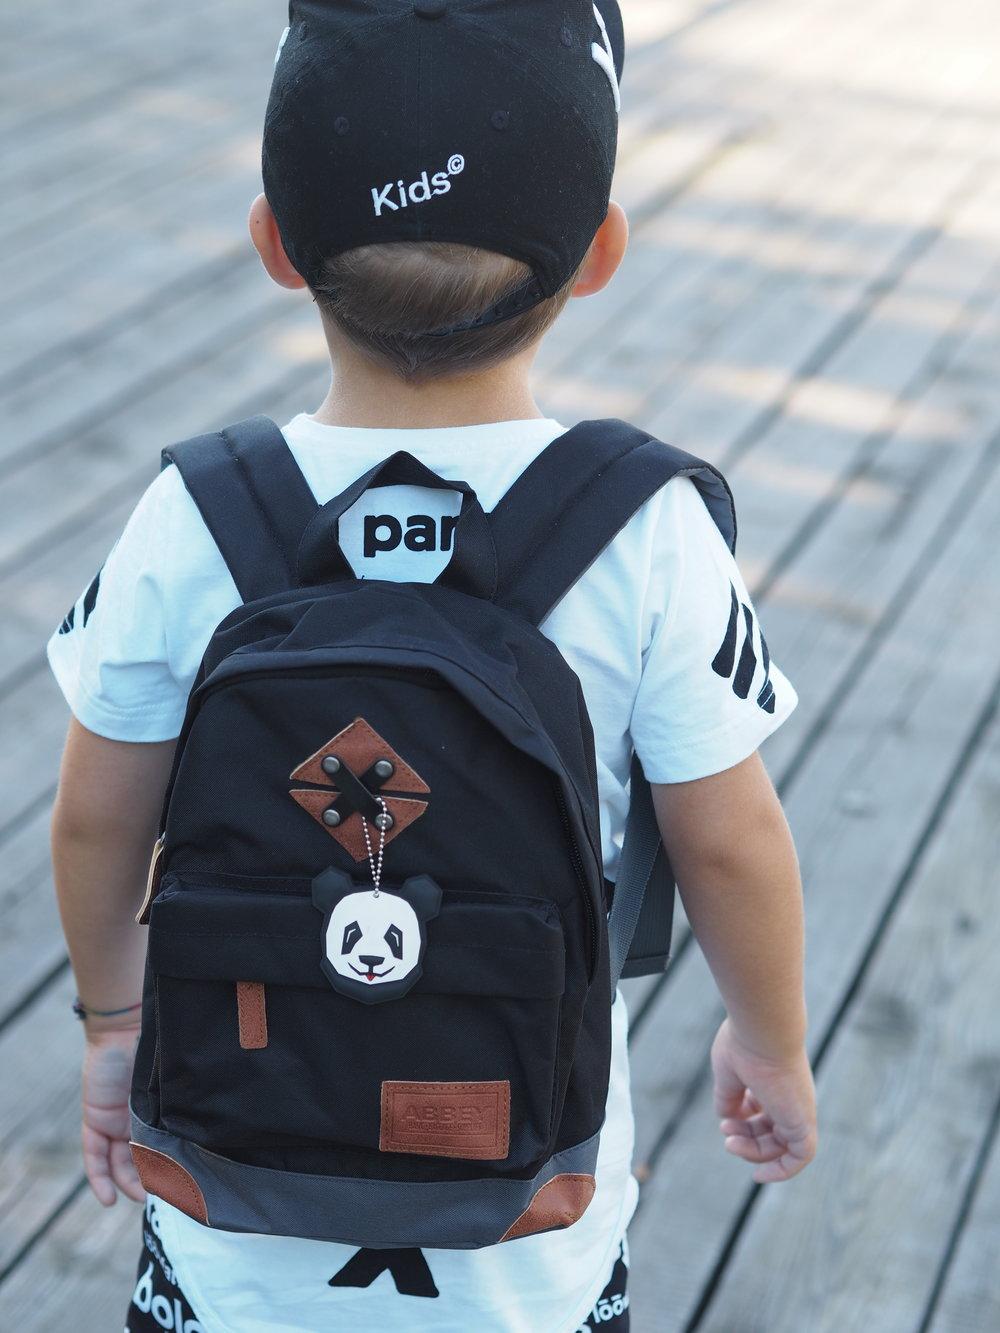 Děti jistě ocení kožené doplňky a na vrchní části batohu praktické poutko  pro přenos. 9572ea9620